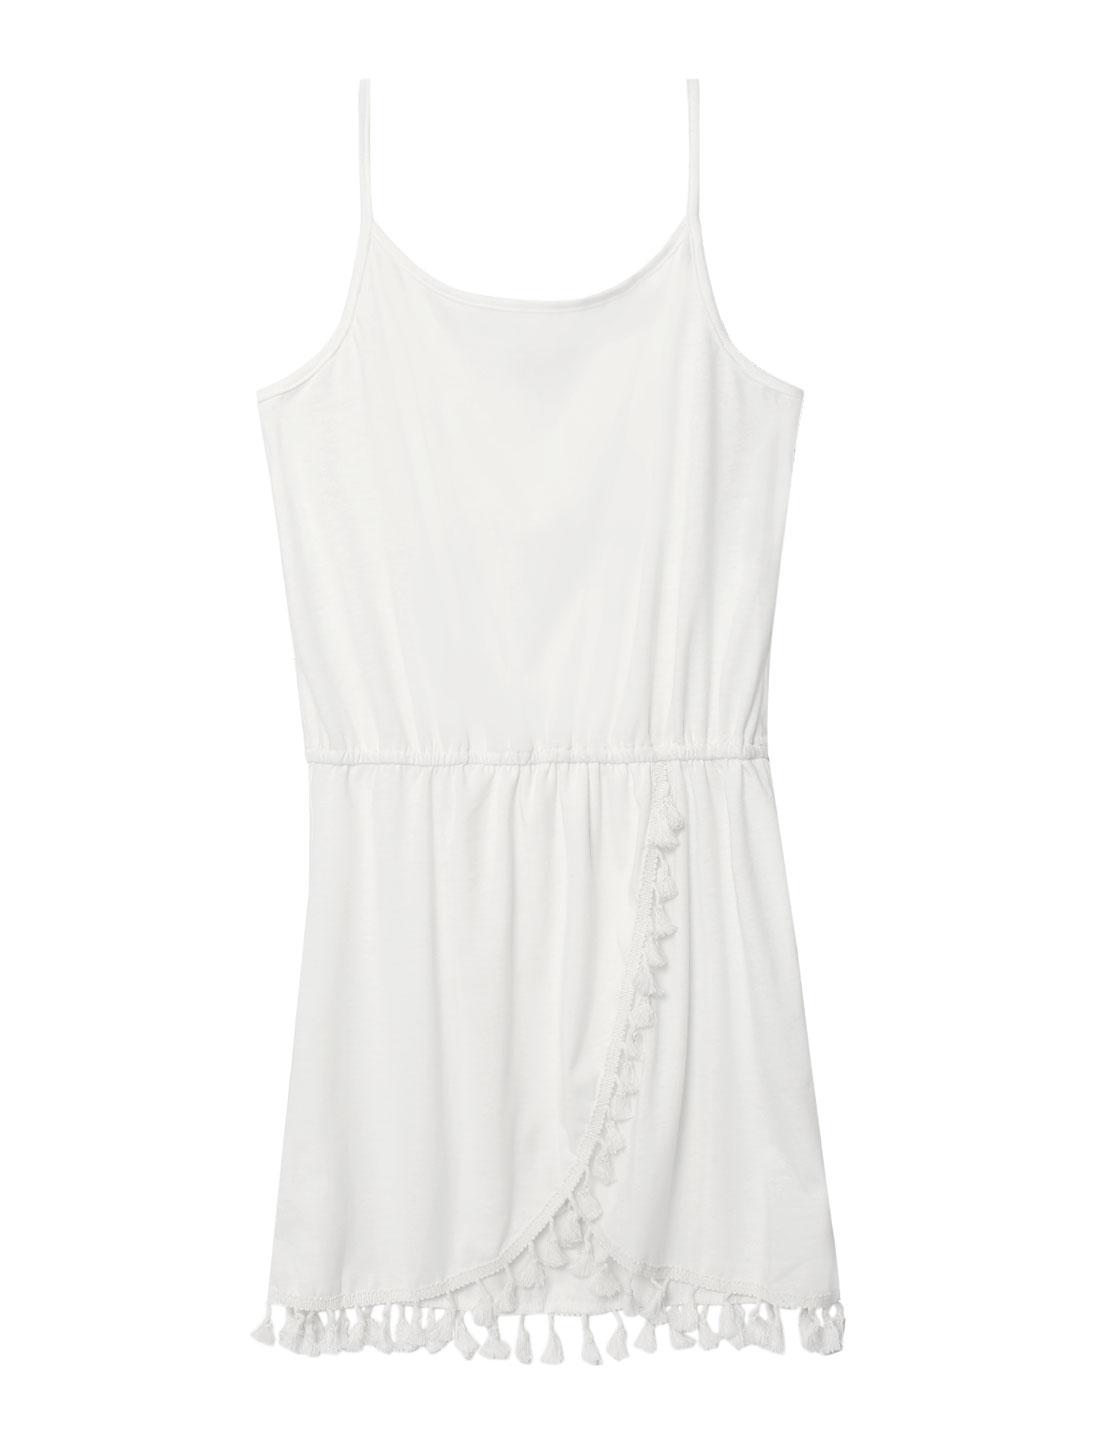 Women Scoop Neck Tassel Tulip Hem Straps Tunic Dress White S